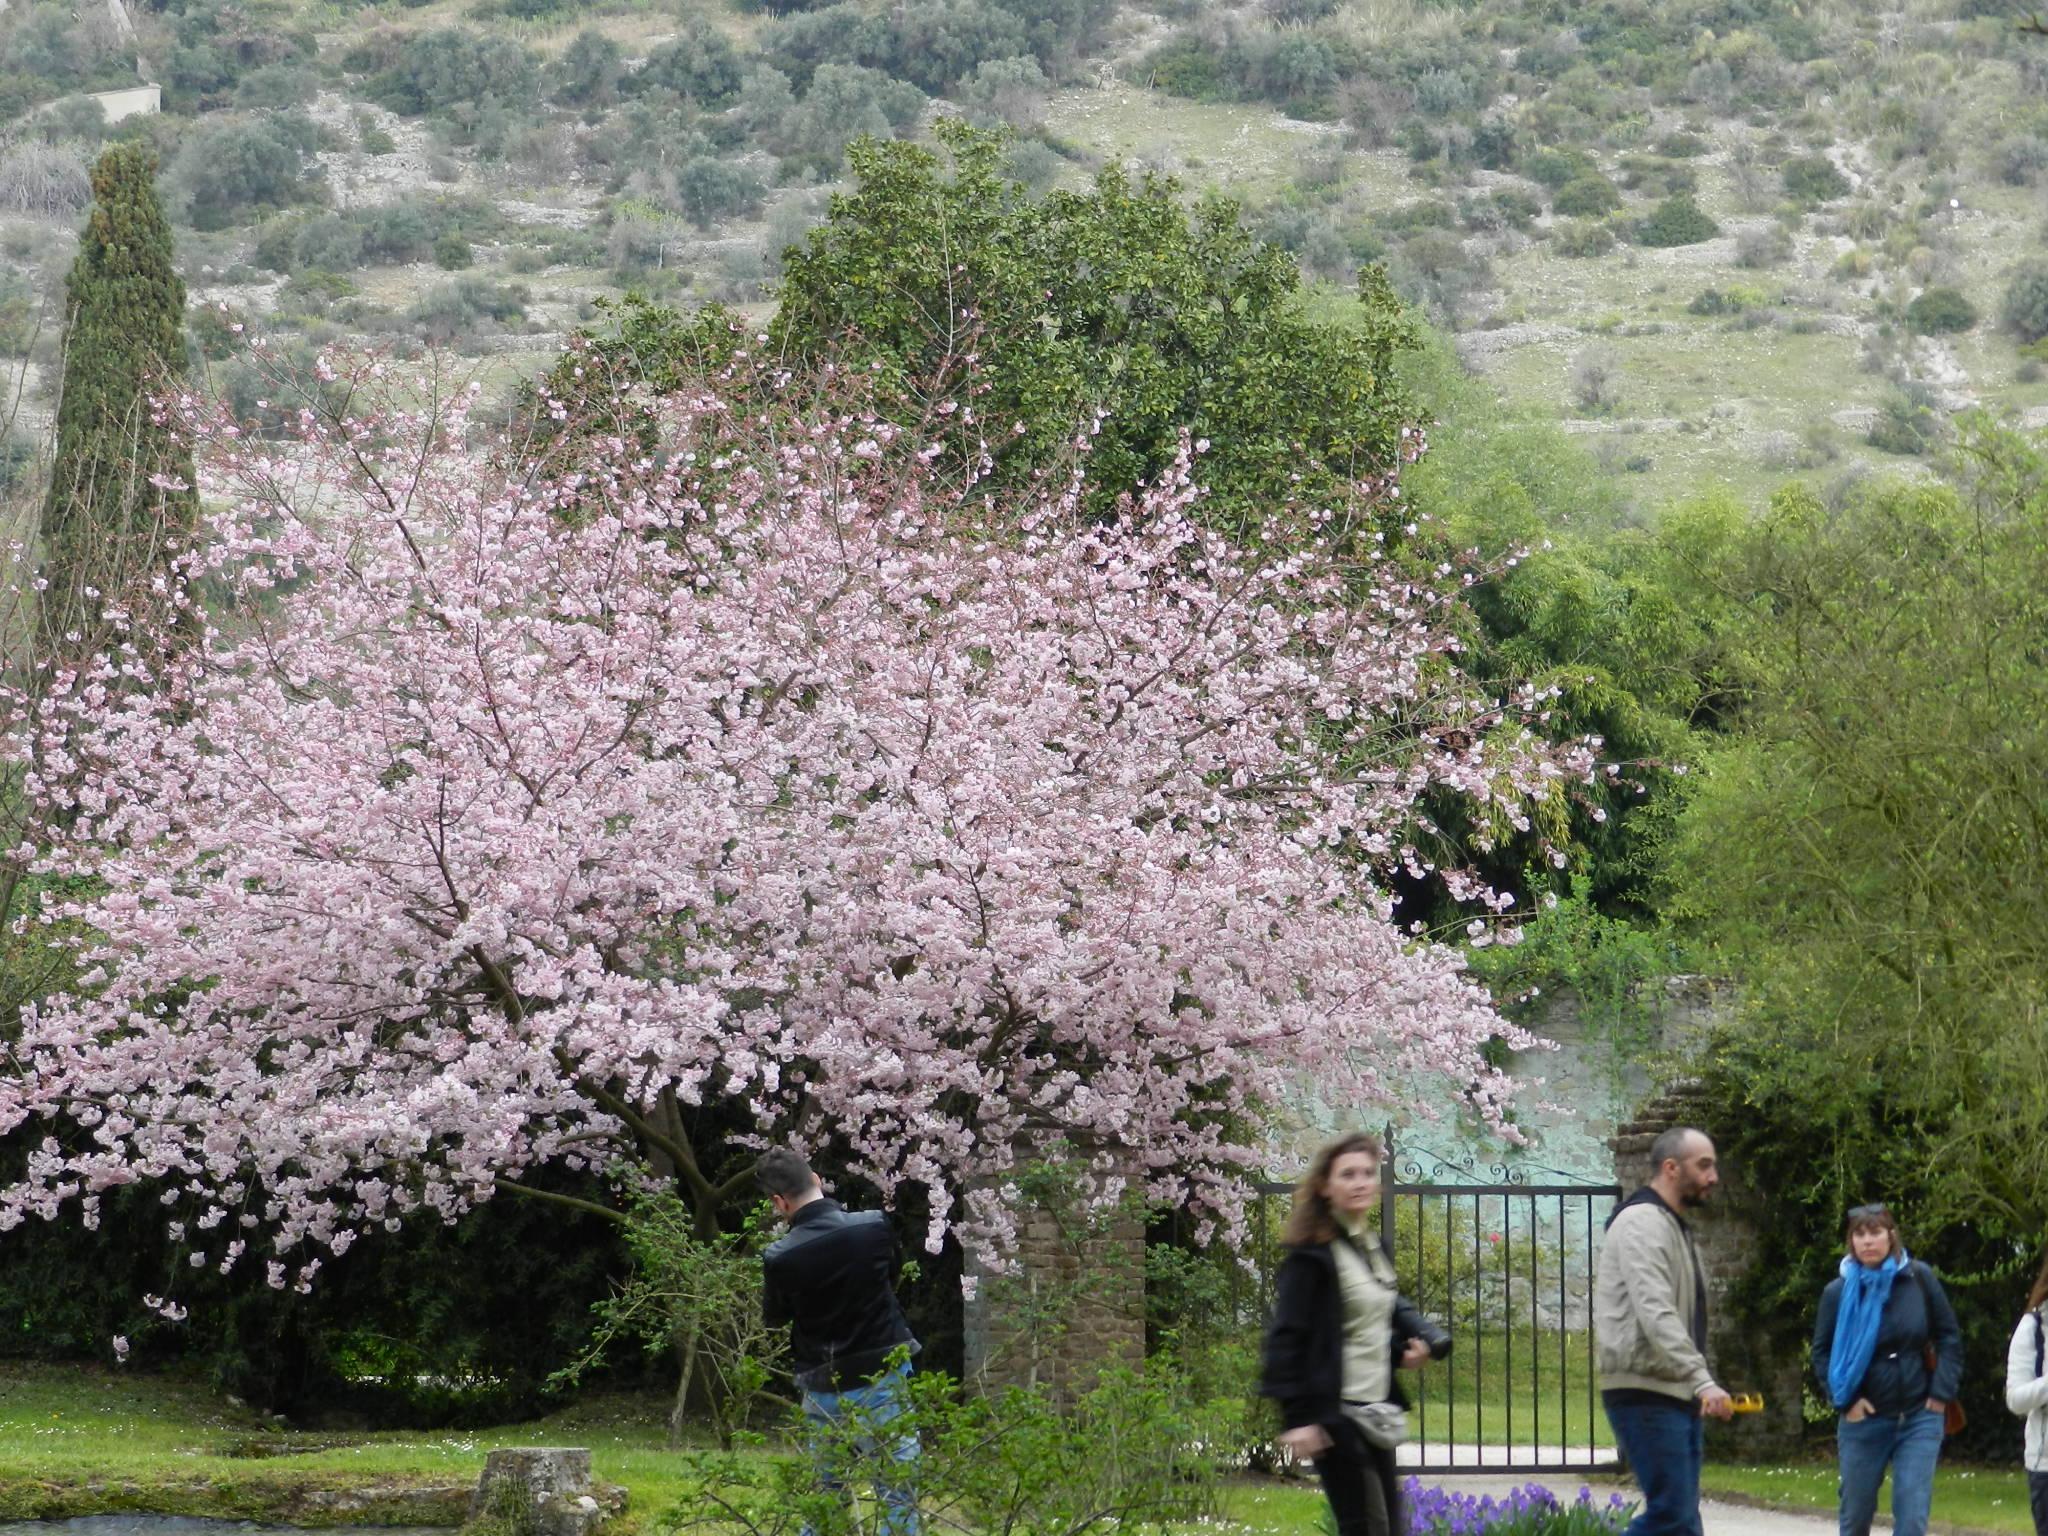 Il giardino di ninfa apertura straordinaria cisterna di for I giardino di ninfa